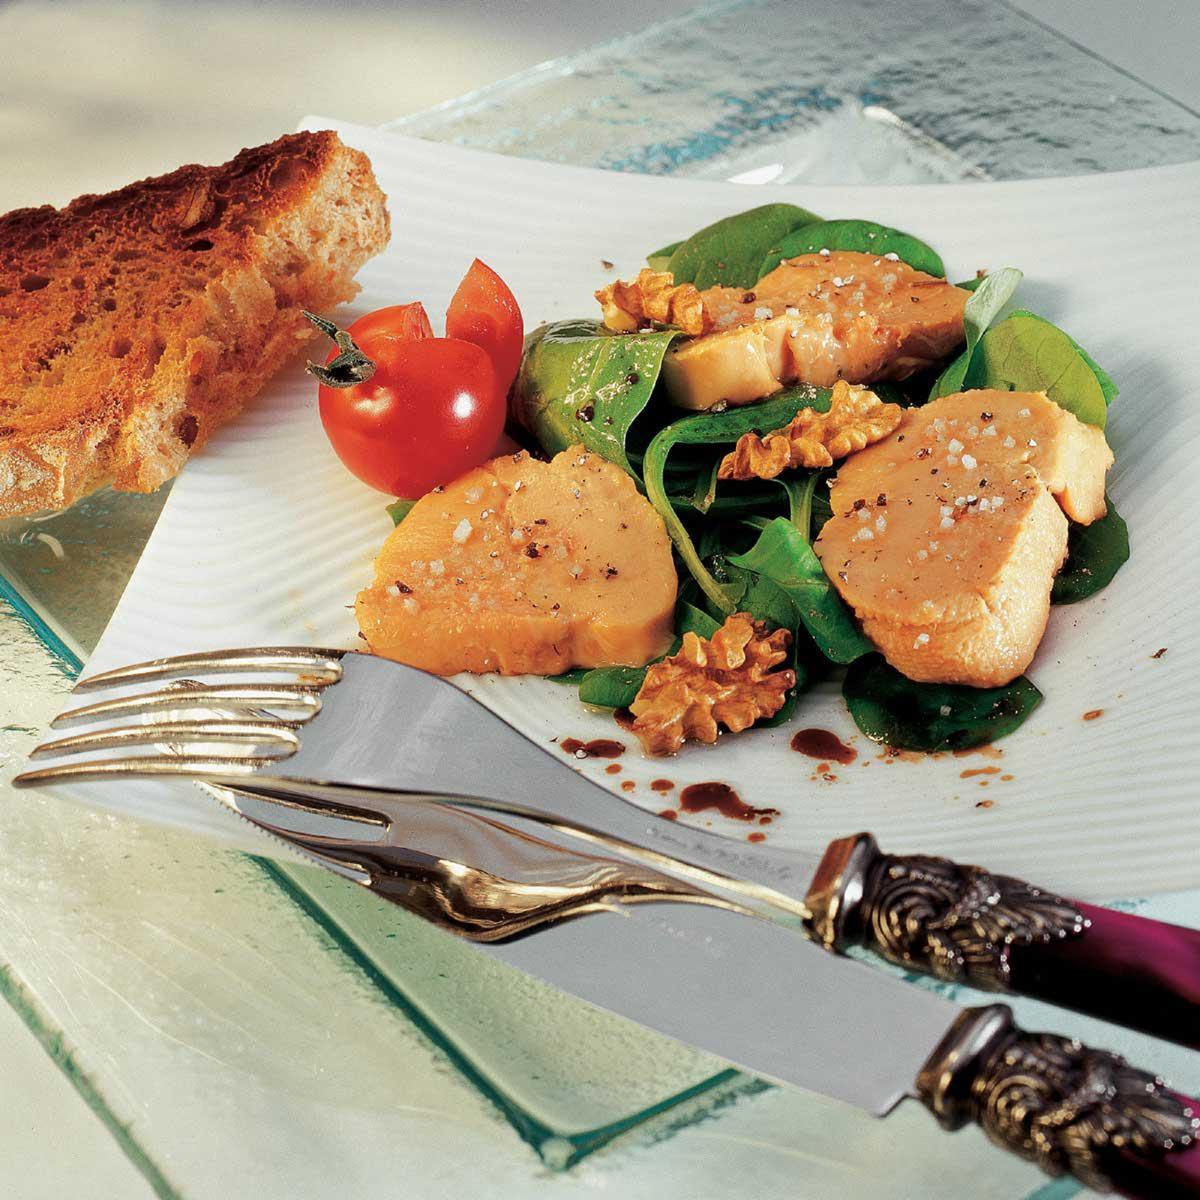 Recette foie gras confit au sel de gu rande cuisine madame - Recette de foie gras ...